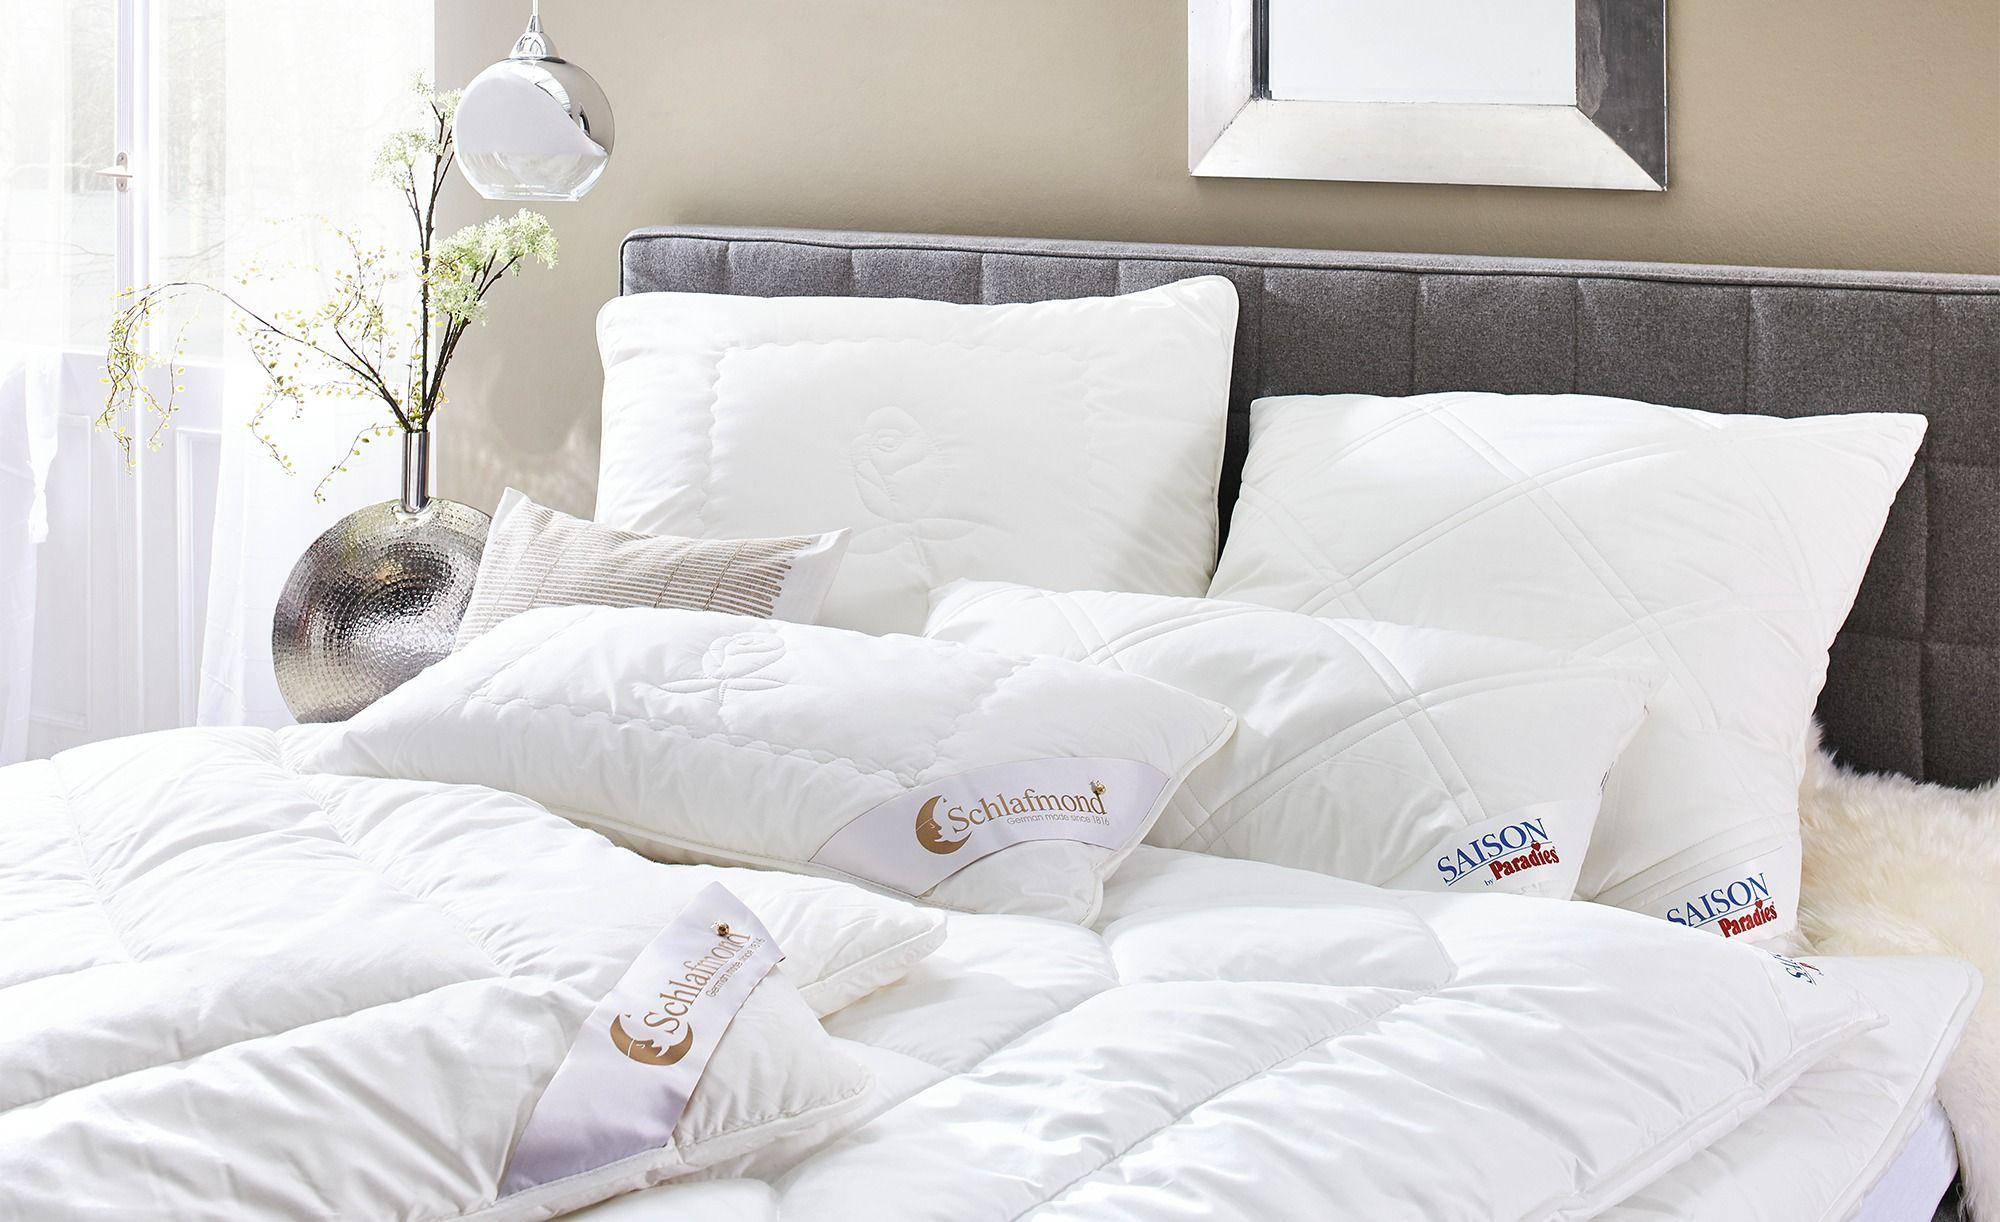 Paradies Kopfkissen Softy Kosmo Plus Kissen Bett Und Bettdecke